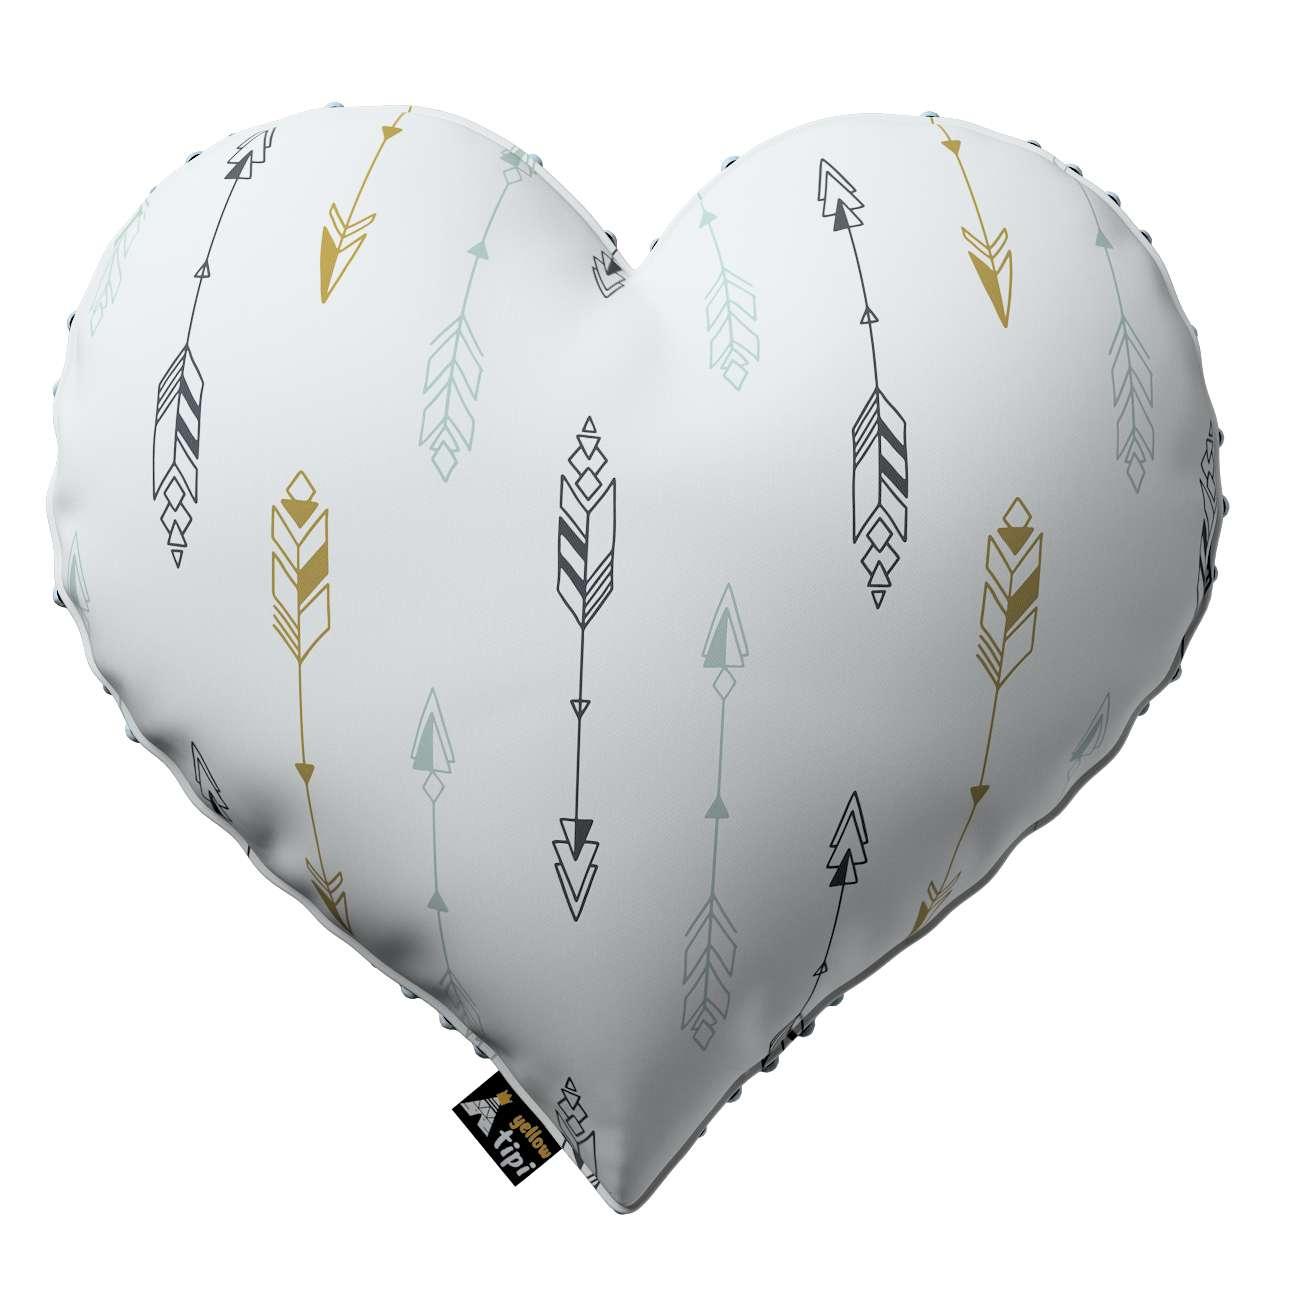 Kissen Heart of Love aus Minky von der Kollektion Magic Collection, Stoff: 500-07